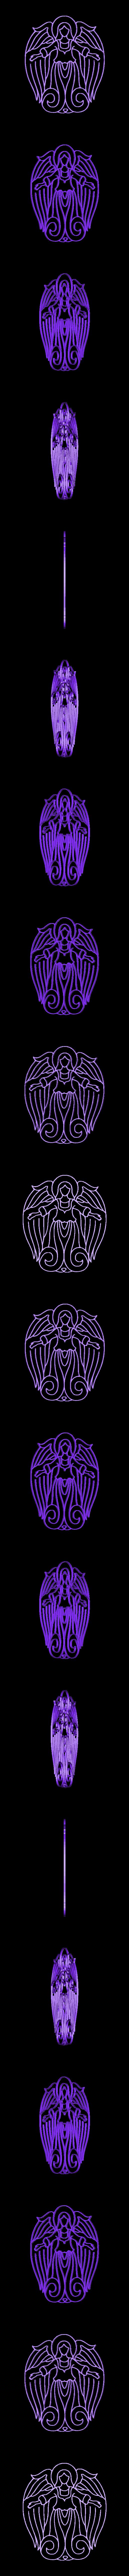 angelnatal.stl Télécharger fichier STL gratuit ange de la décoration murale • Design imprimable en 3D, satis3d